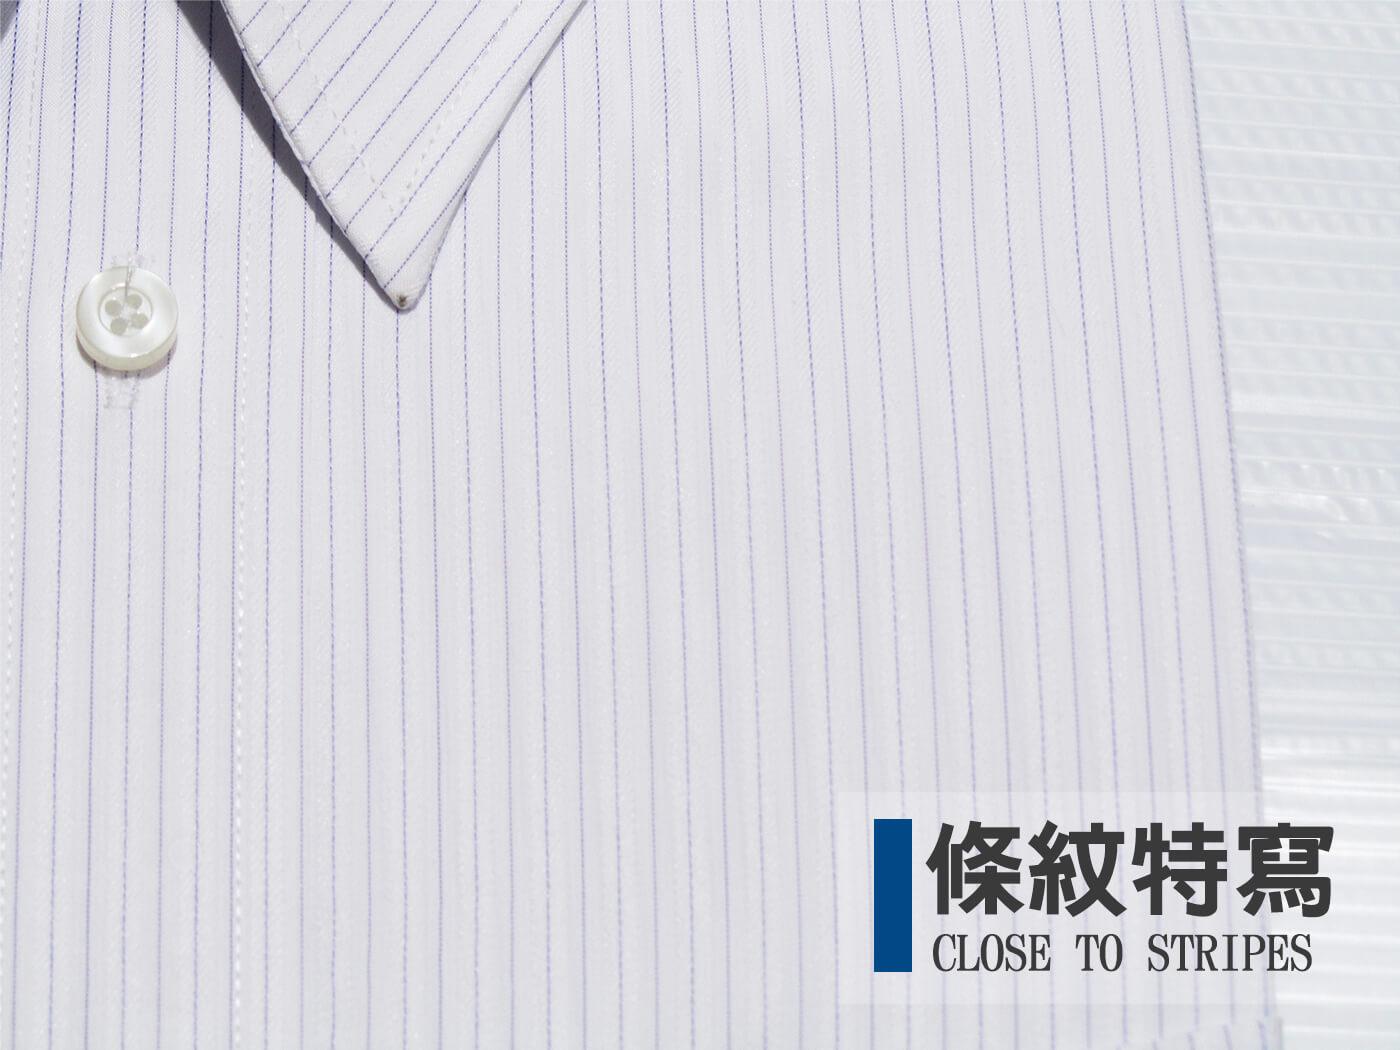 腰身剪裁防皺襯衫 吸濕排汗機能布料直條紋襯衫 柔軟舒適標準襯衫 正式襯衫 保暖襯衫 面試襯衫 上班族襯衫 商務襯衫 長袖襯衫 (322-3971)白色條紋、(322-3972)藍白條紋、(322-3976)藍點條紋、(322-3978)紫白條紋 領圍:15~18英吋 [實體店面保障] sun-e322 9